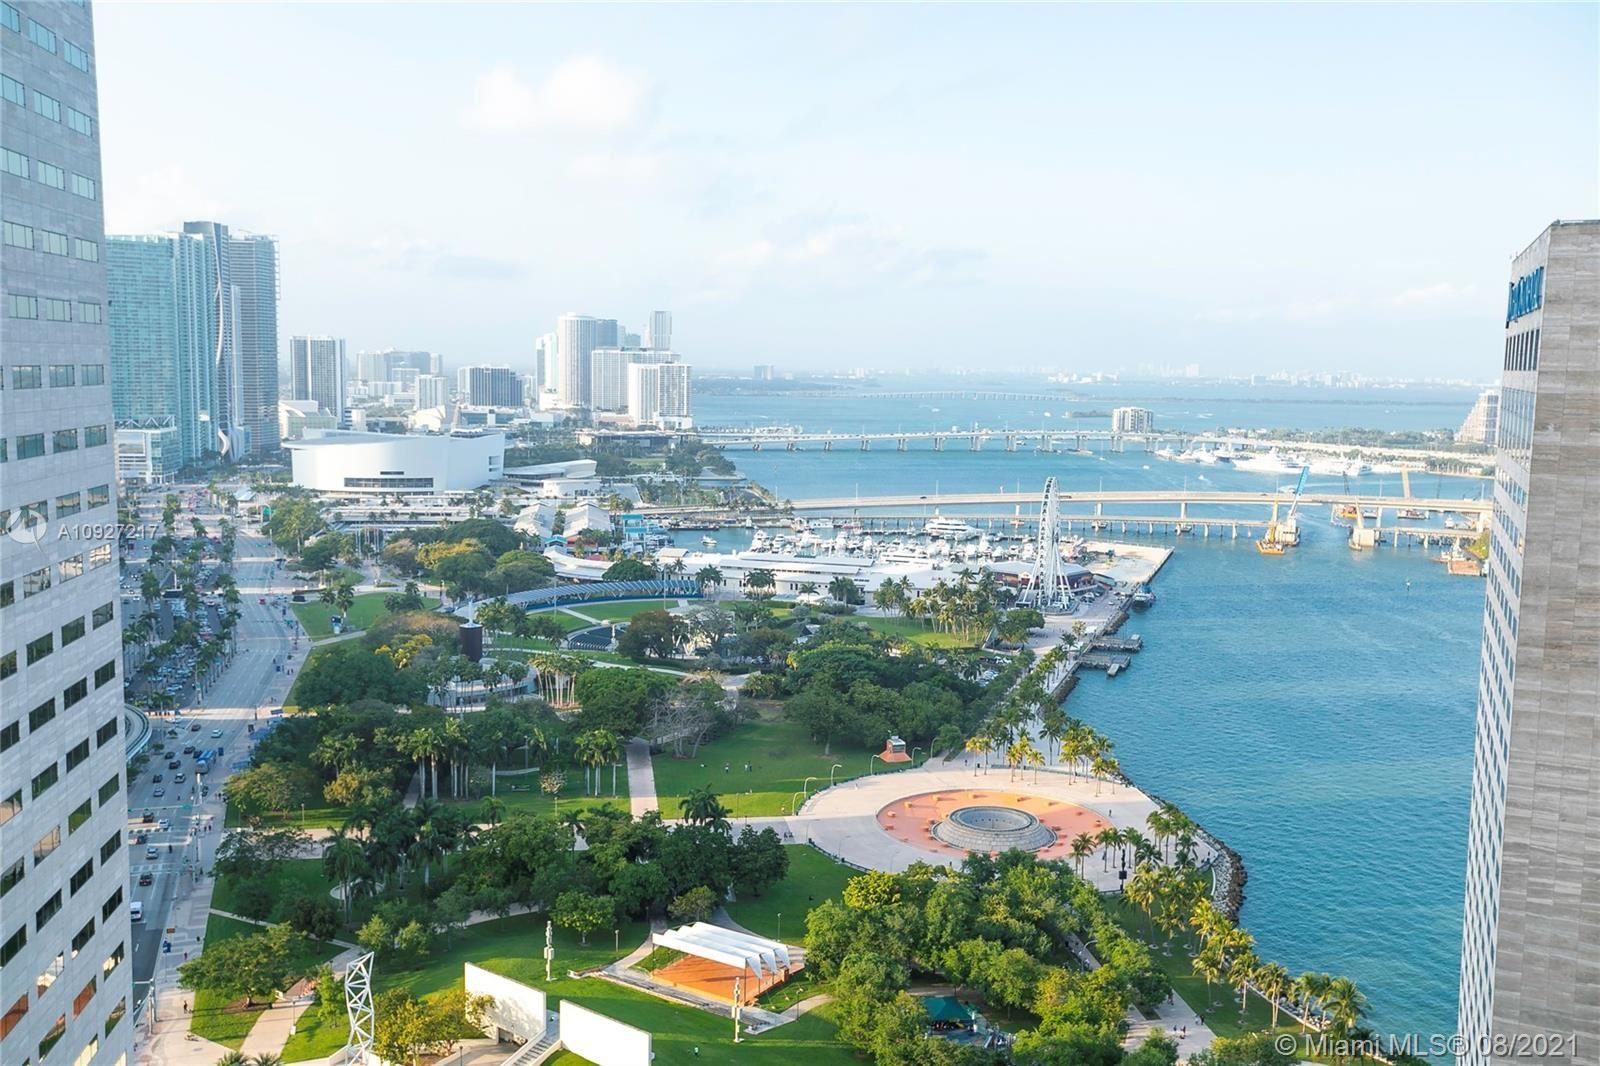 325 S Biscayne Blvd #3618, Miami, FL 33131 - #: A10927217